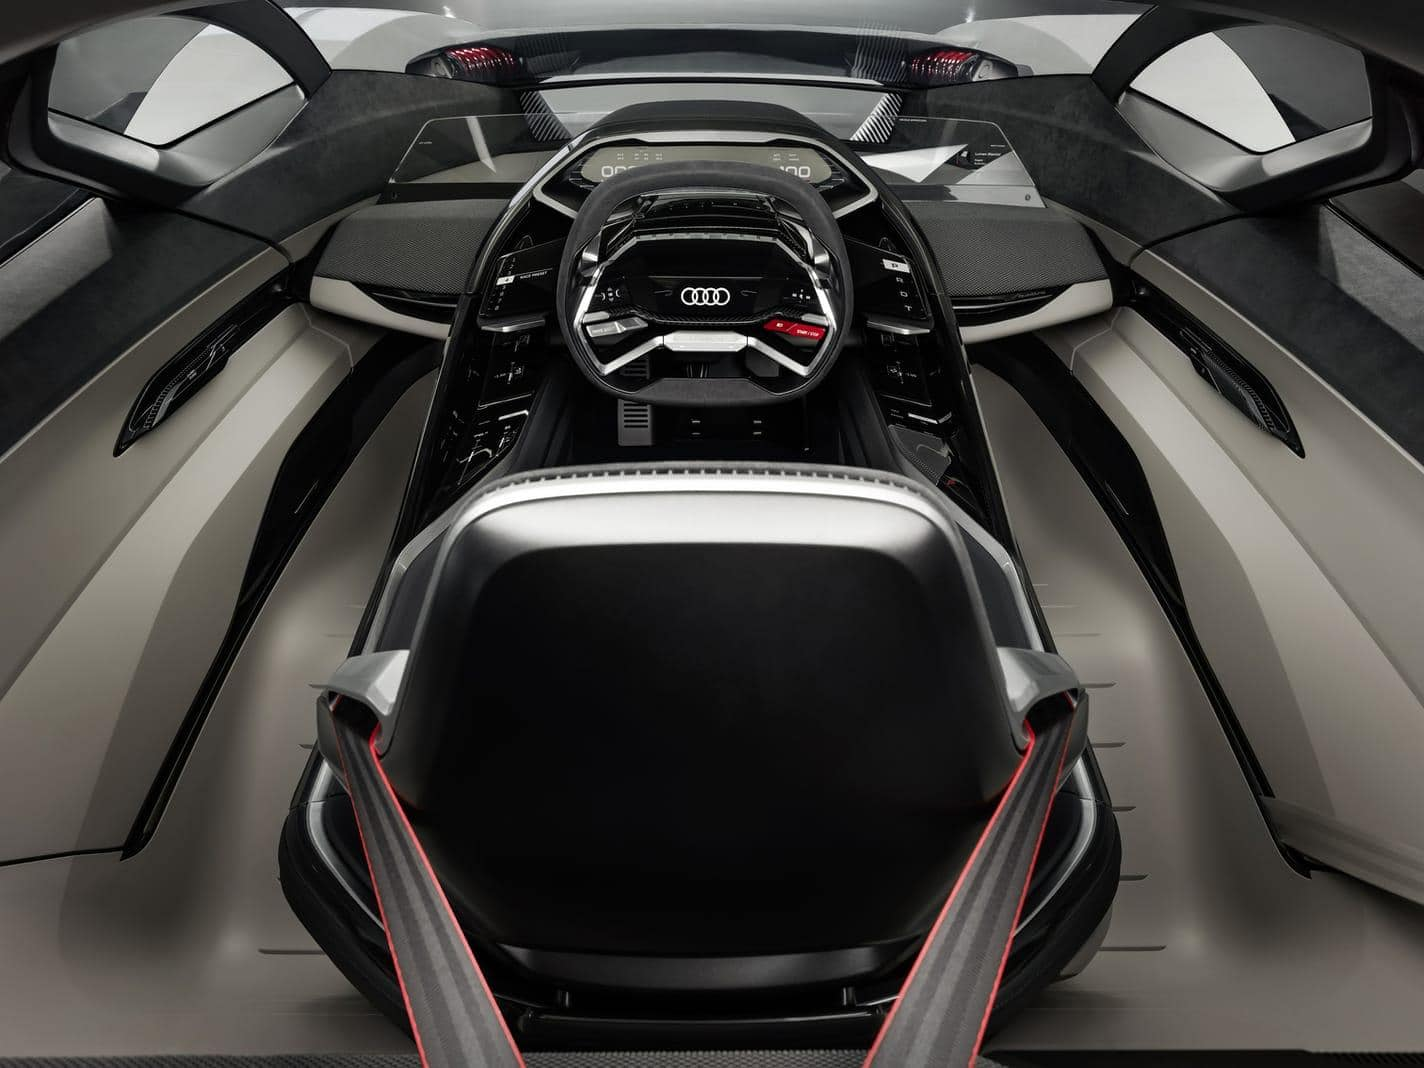 <p>Der Fahrersitz lässt sich stattdessen dank einer&nbsp;seitwärts verschiebbaren Monocoque-Schale mittig positionieren.</p> Foto: AUDI AG